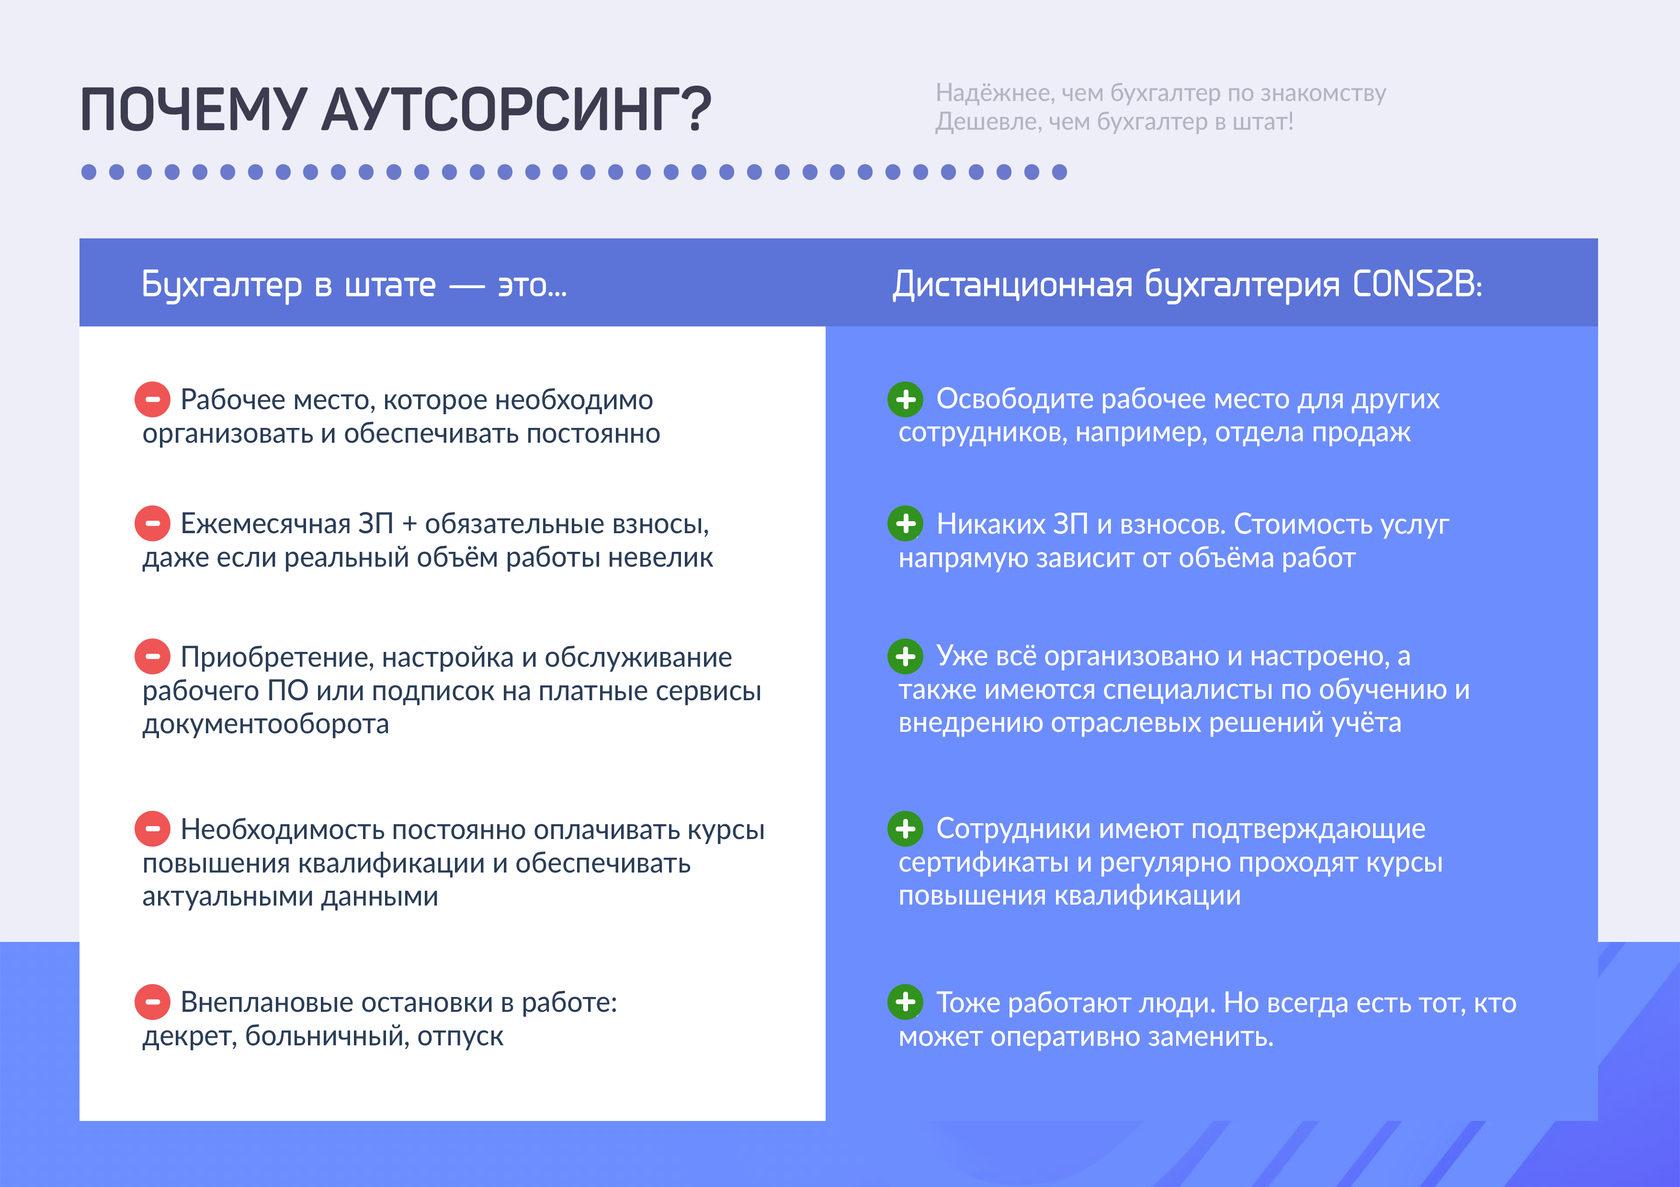 Как составить предложение бухгалтерских услуг институт профессиональных бухгалтеров московского региона